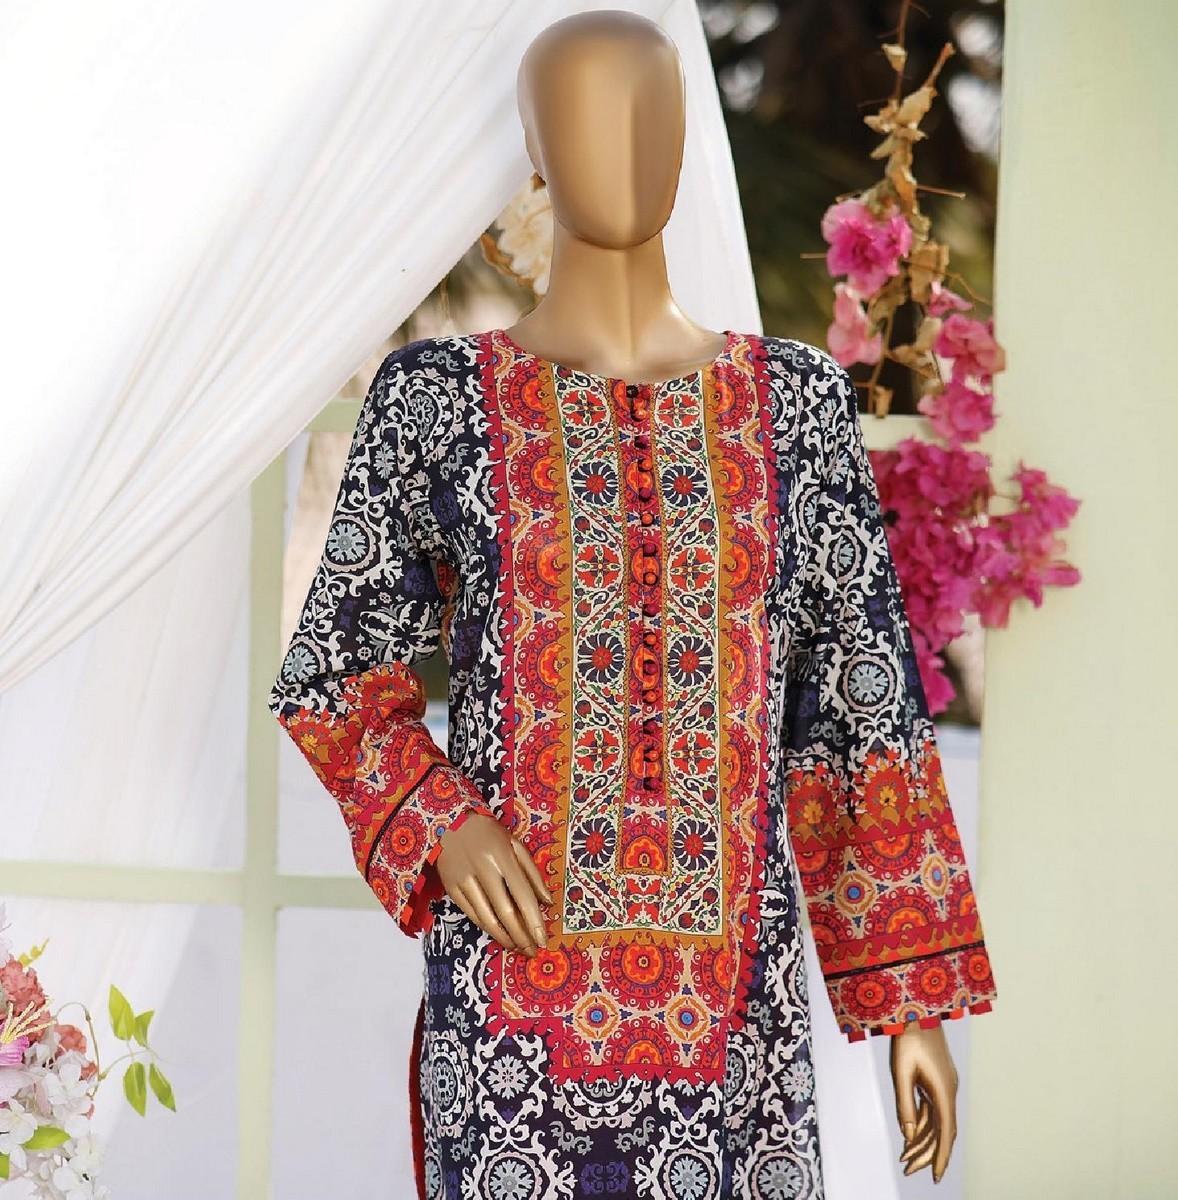 /2021/05/sadabahar-stitched-print-kurtis21-d-07-image3.jpeg